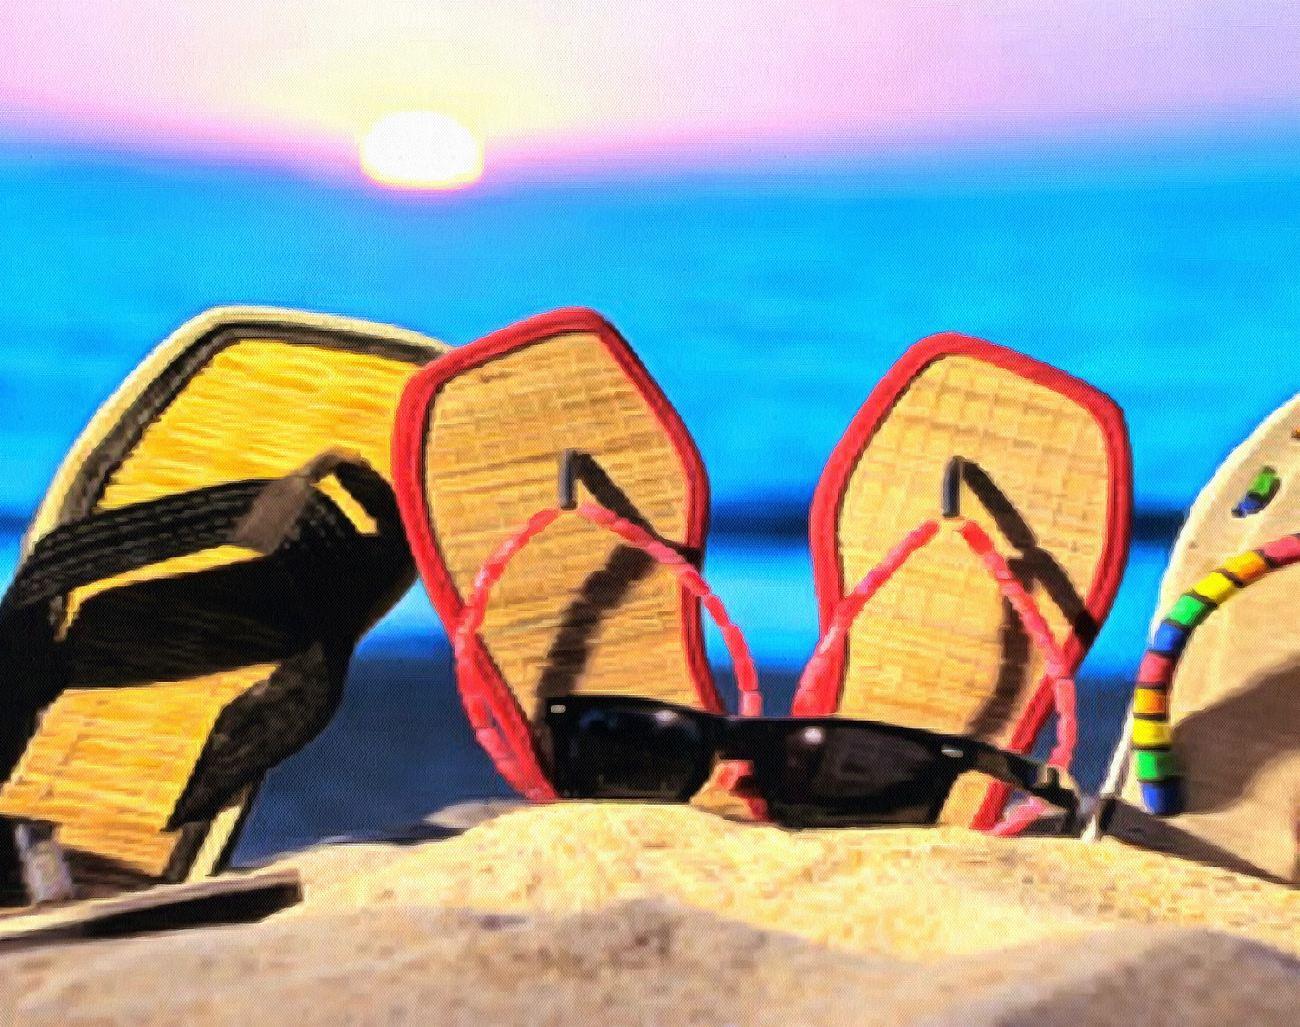 3 pairs of flip flops in Vietnam